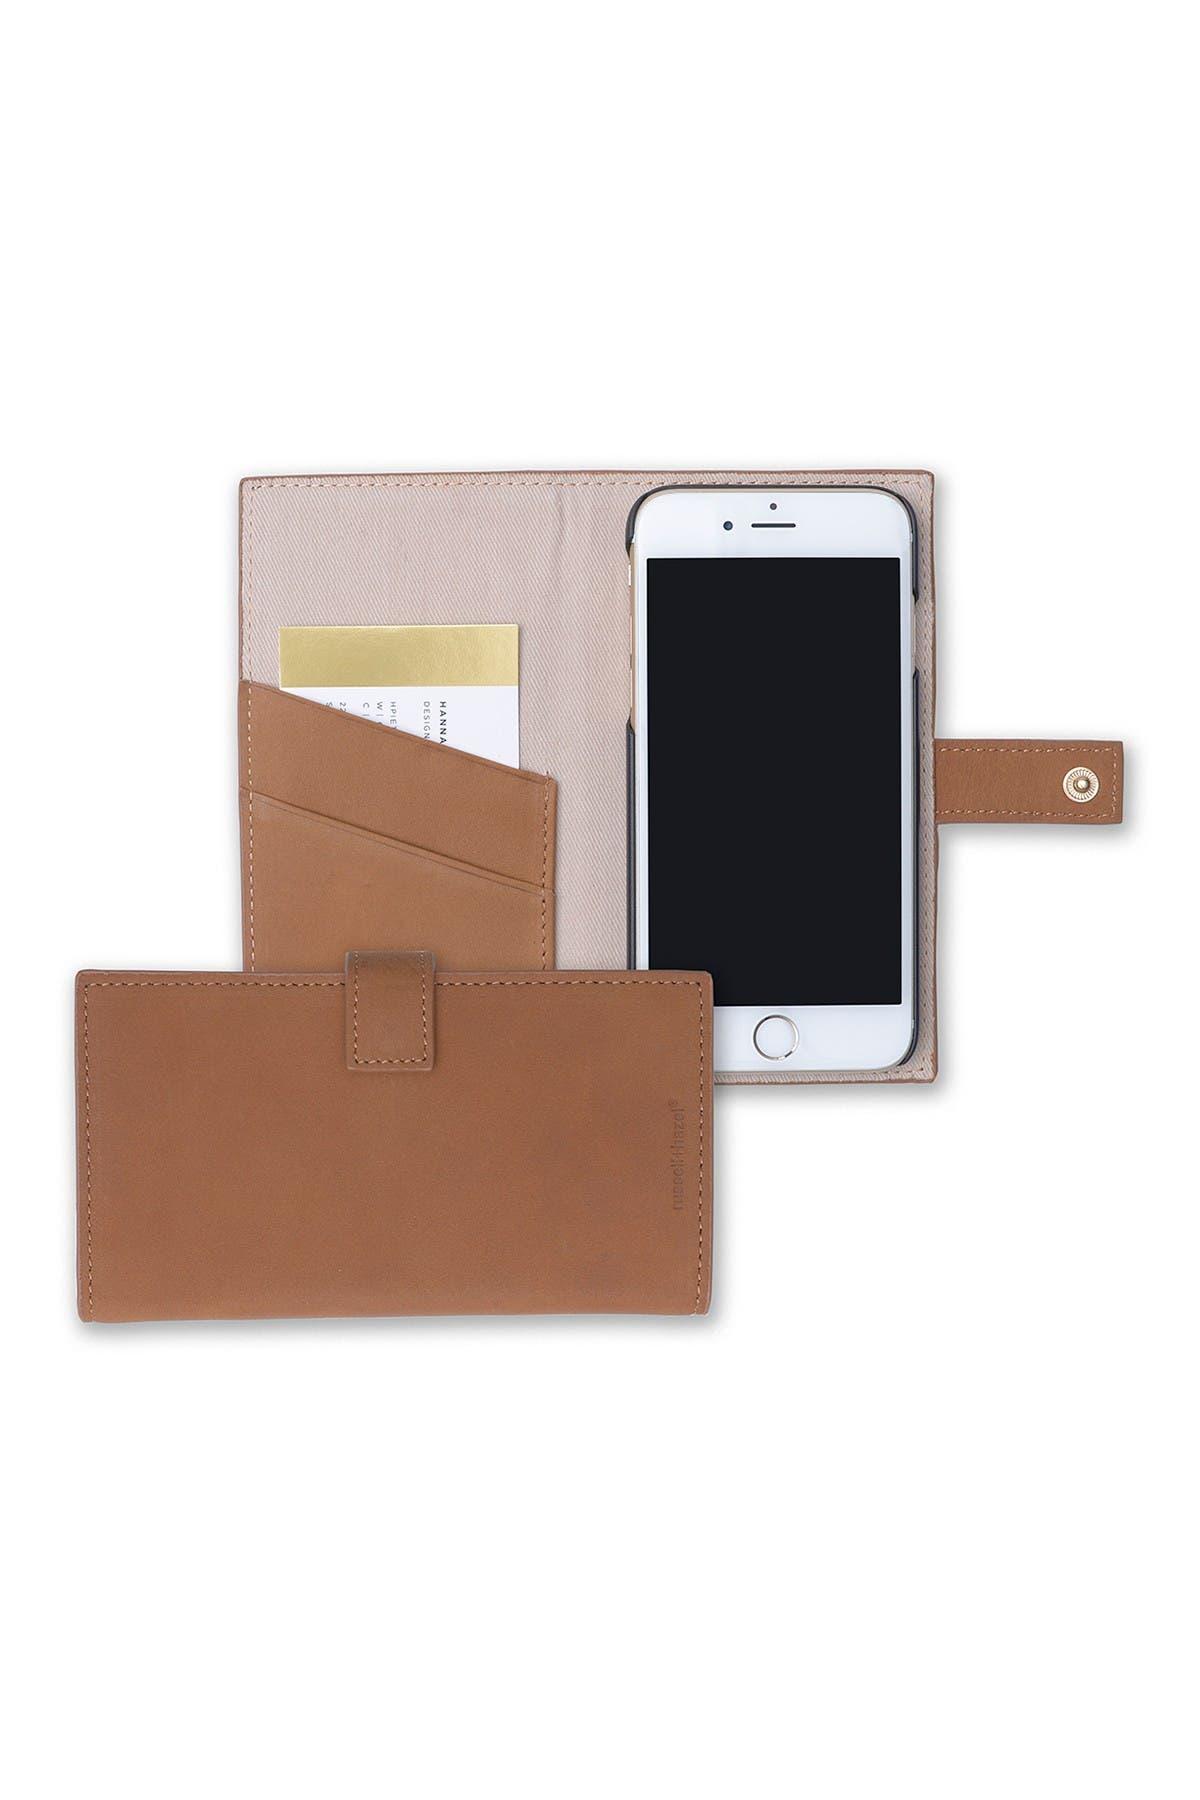 Image of GARTNER STUDIOS R + H Leather Wallet Phone Case